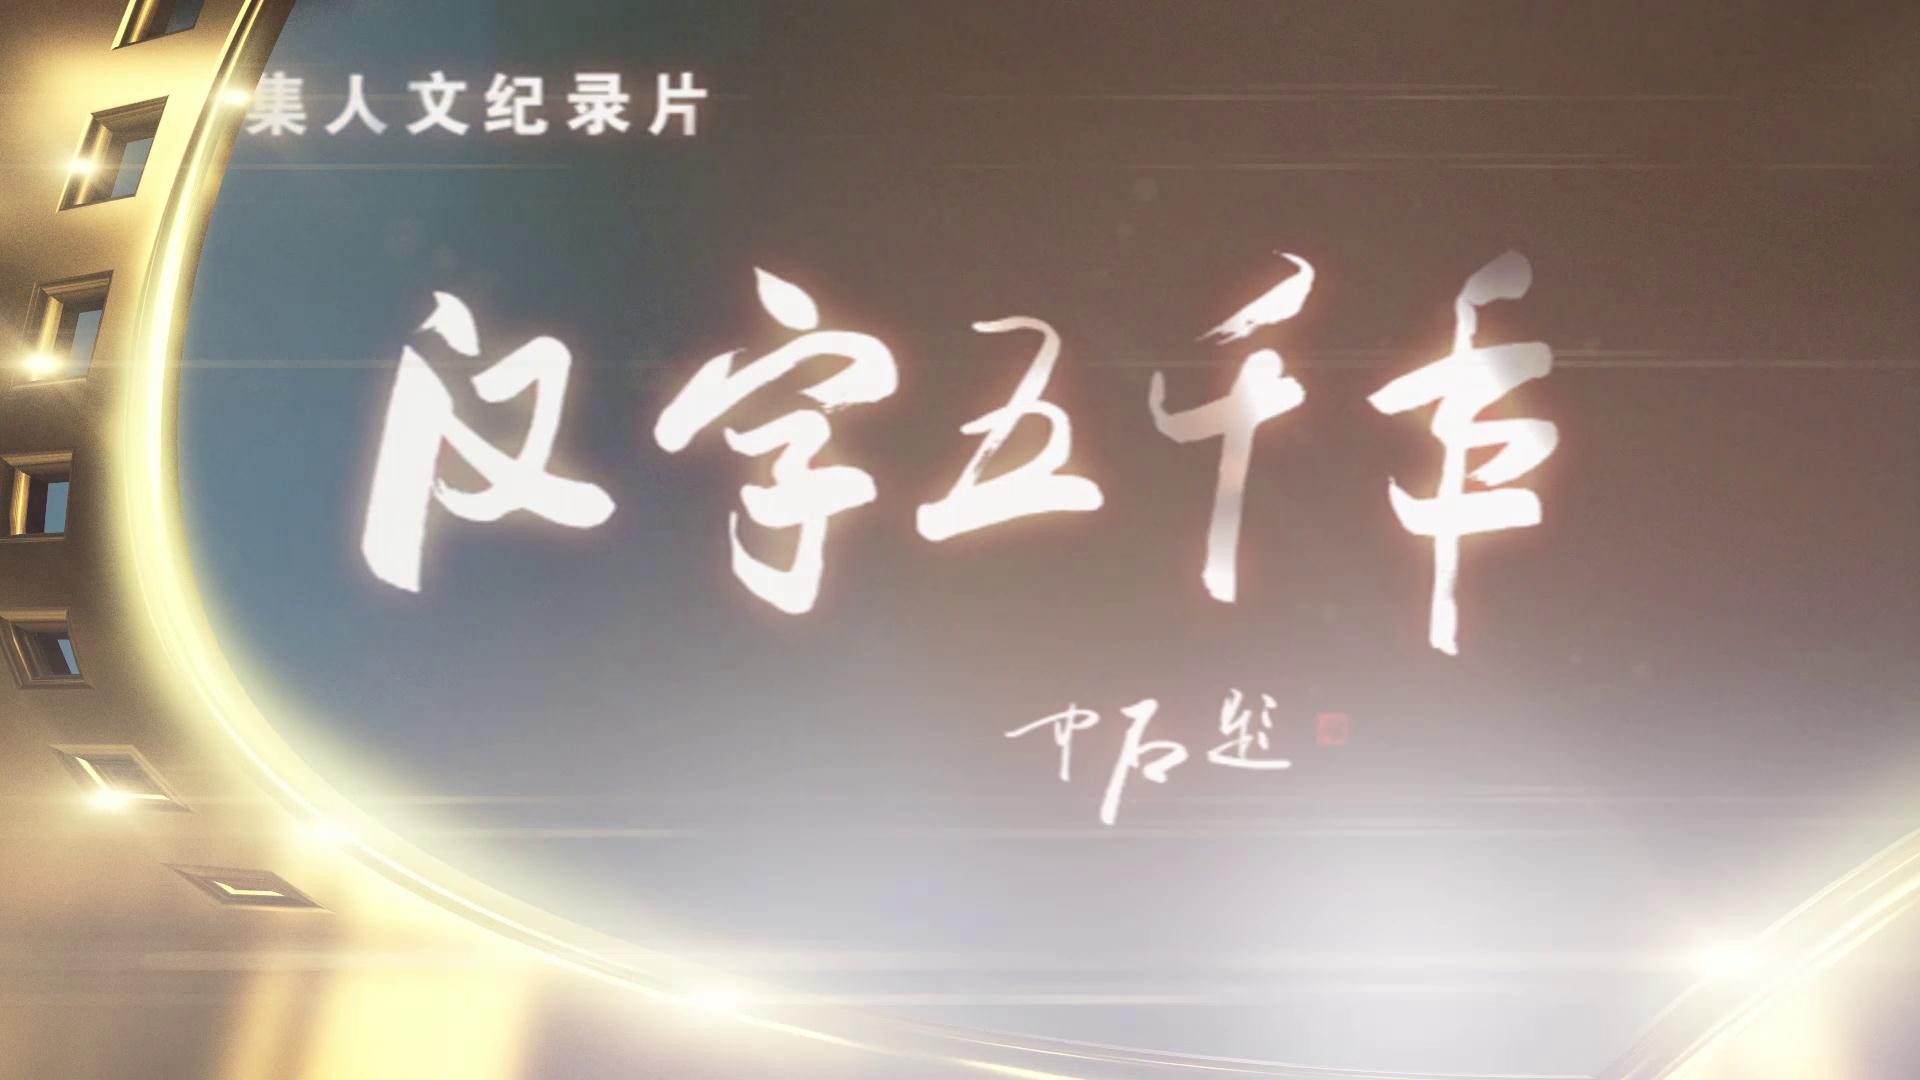 3月12日~18日《汉字五千年》电影版